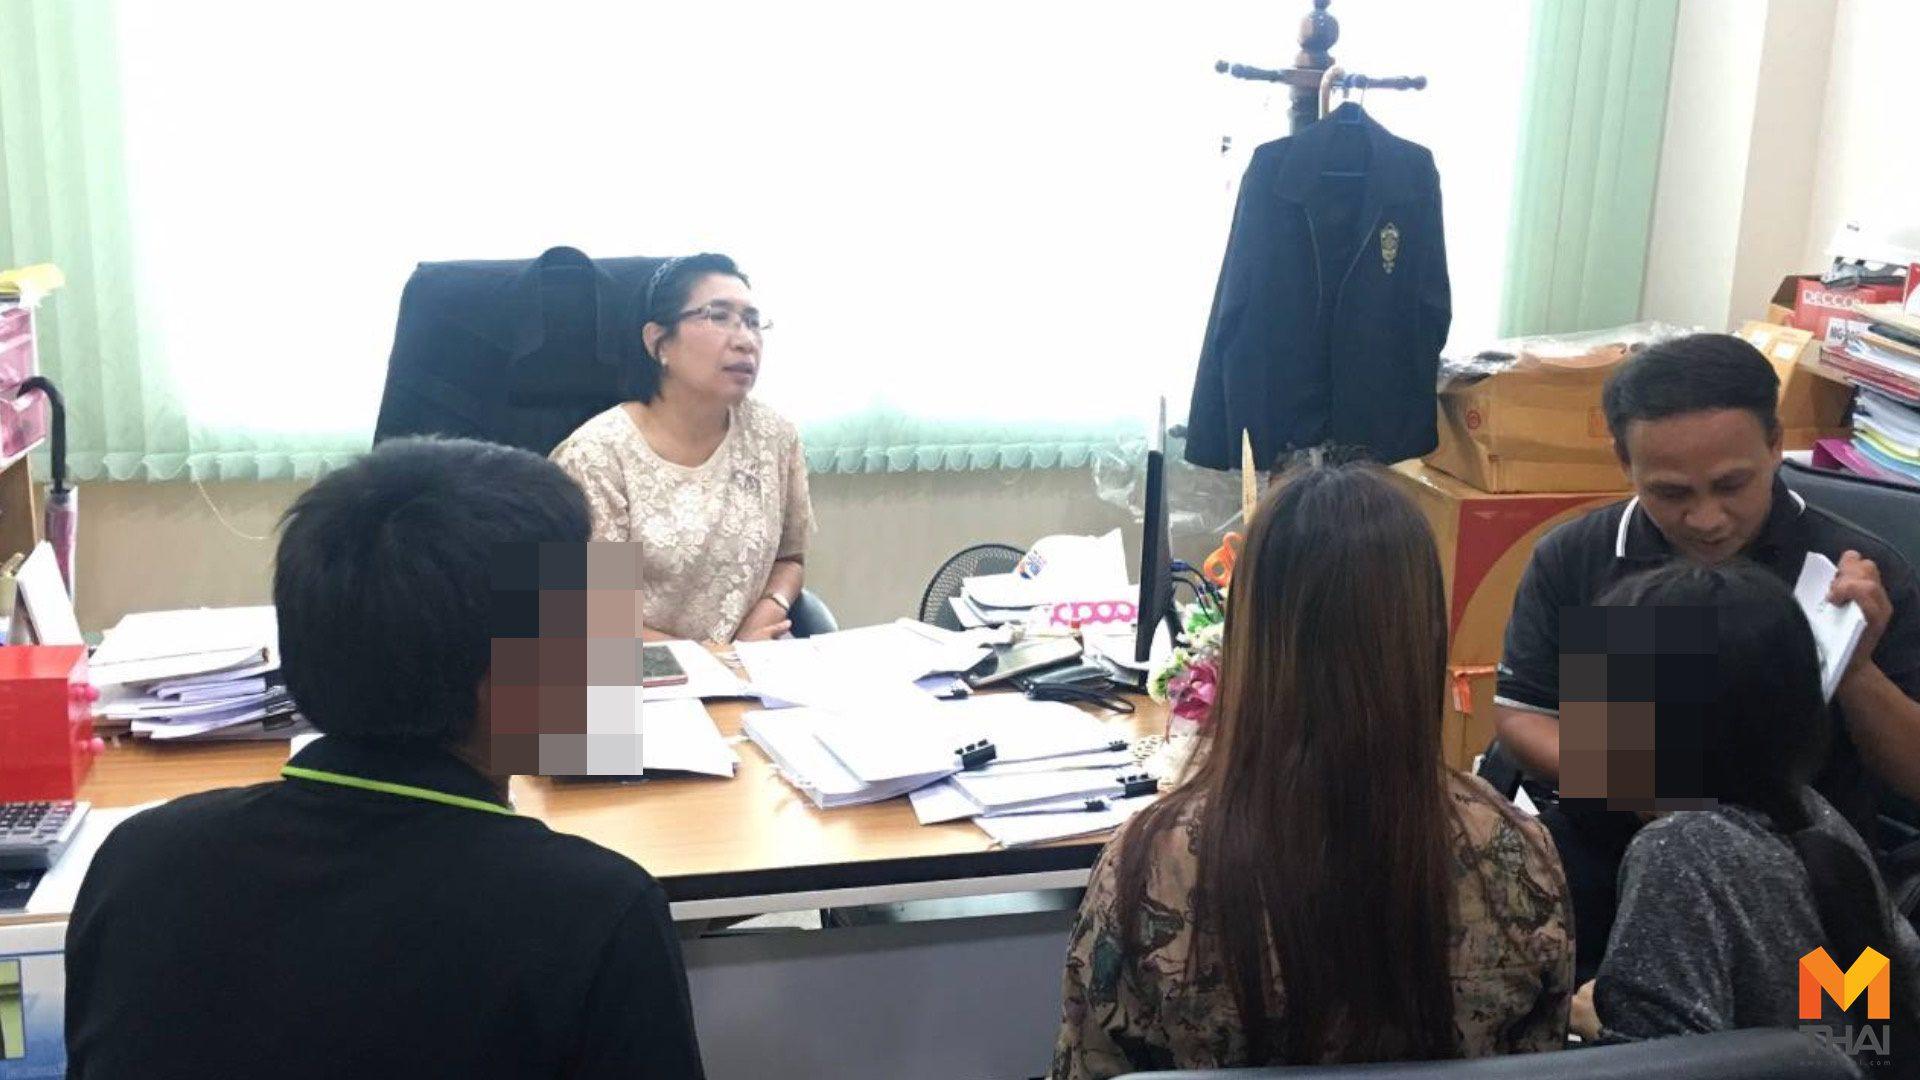 ตร.ฟันครูข่มขืน นร.หญิง ม.1 แยก 2 คดี พร้อมคัดค้านประกันตัว